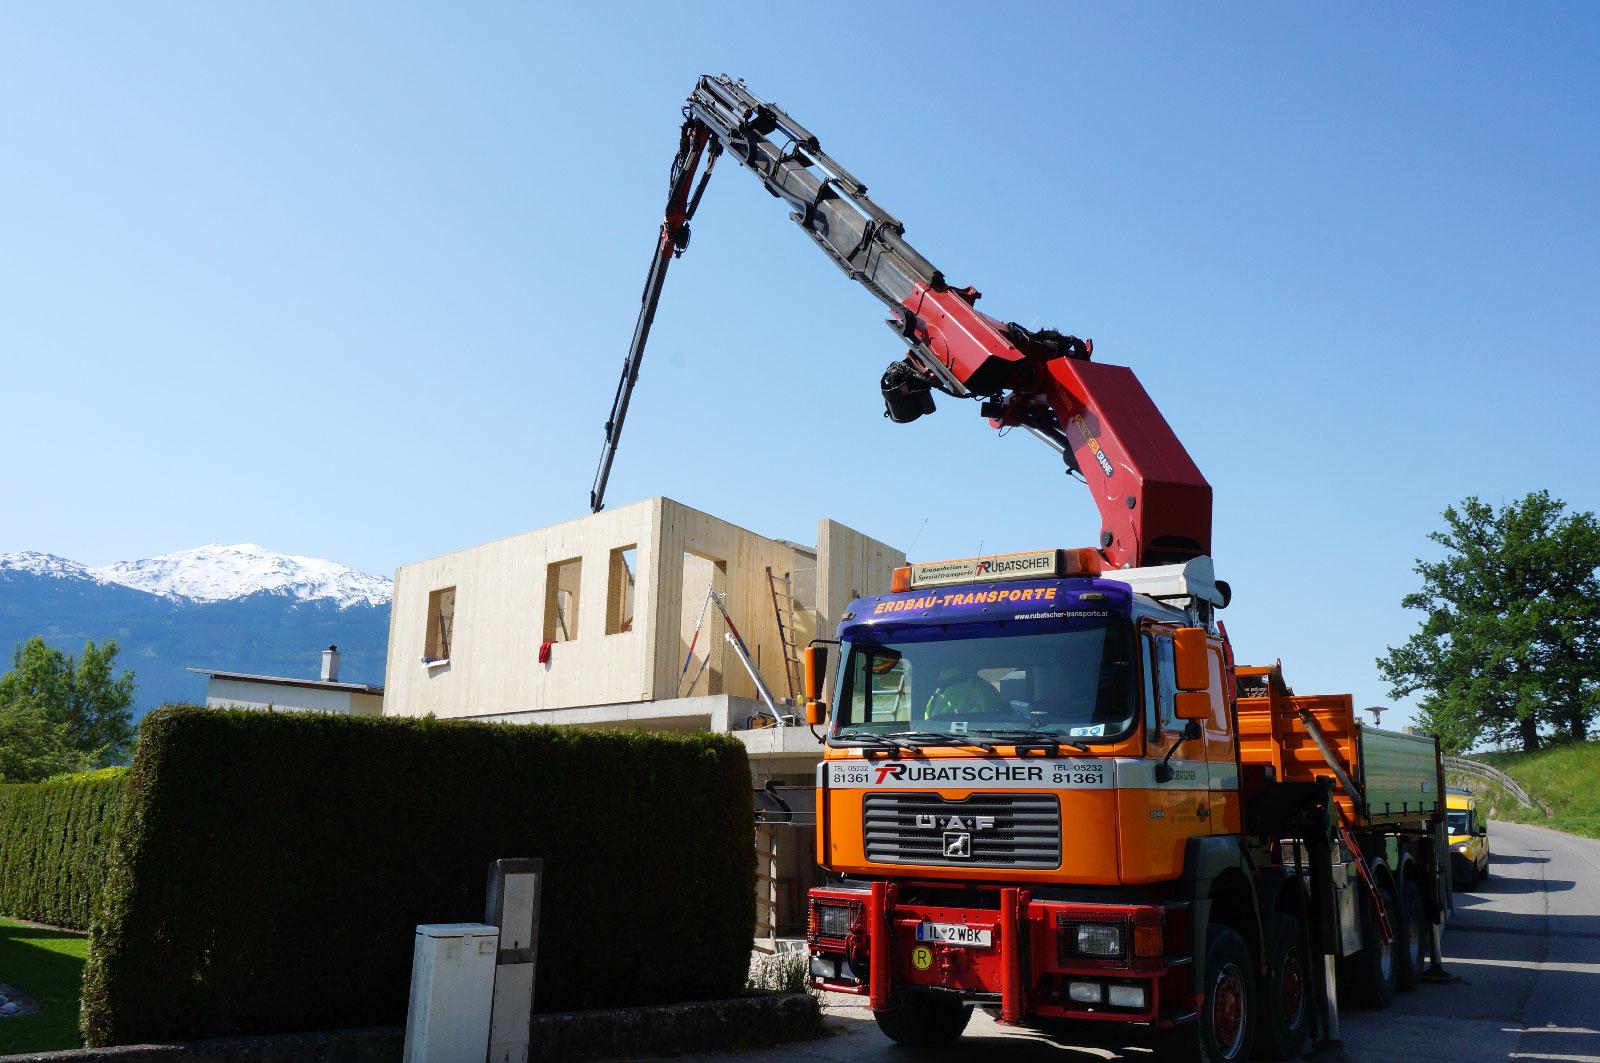 9-Zu-und-Umbau-Einfamilienhaus-mit-Vollholzwaenden-Holzbau-Zimmerei-Norz-2019.jpg